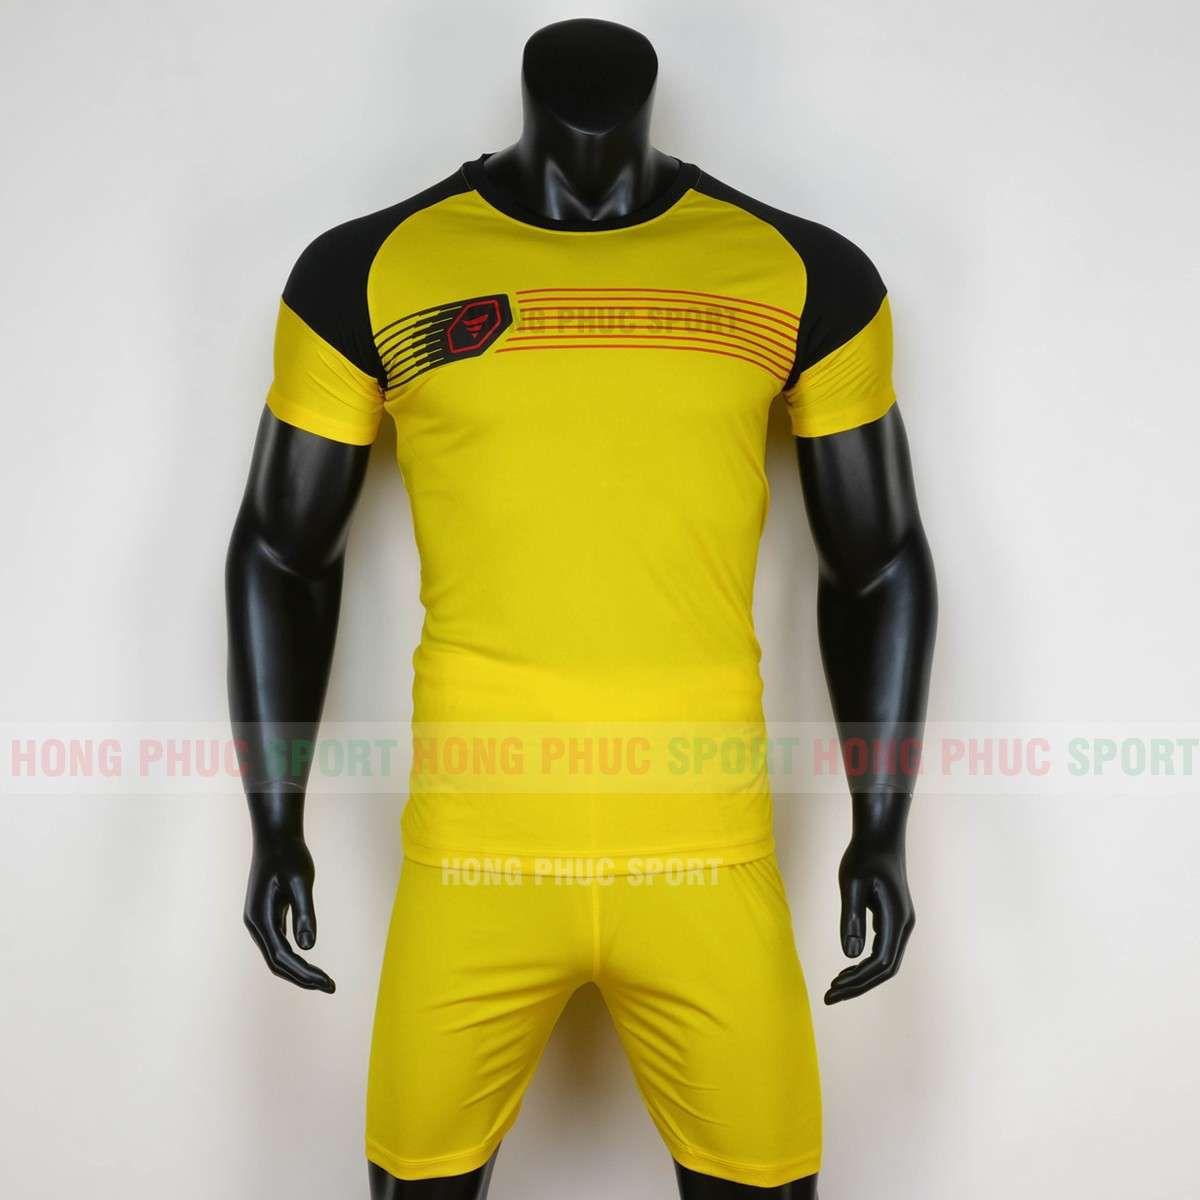 https://cdn.hongphucsport.com/unsafe/cdn.hongphucsport.com/dothethao.net.vn/wp-content/uploads/2020/01/ao-bong-da-khong-logo-prospec-2020-mau-vang-2.jpg